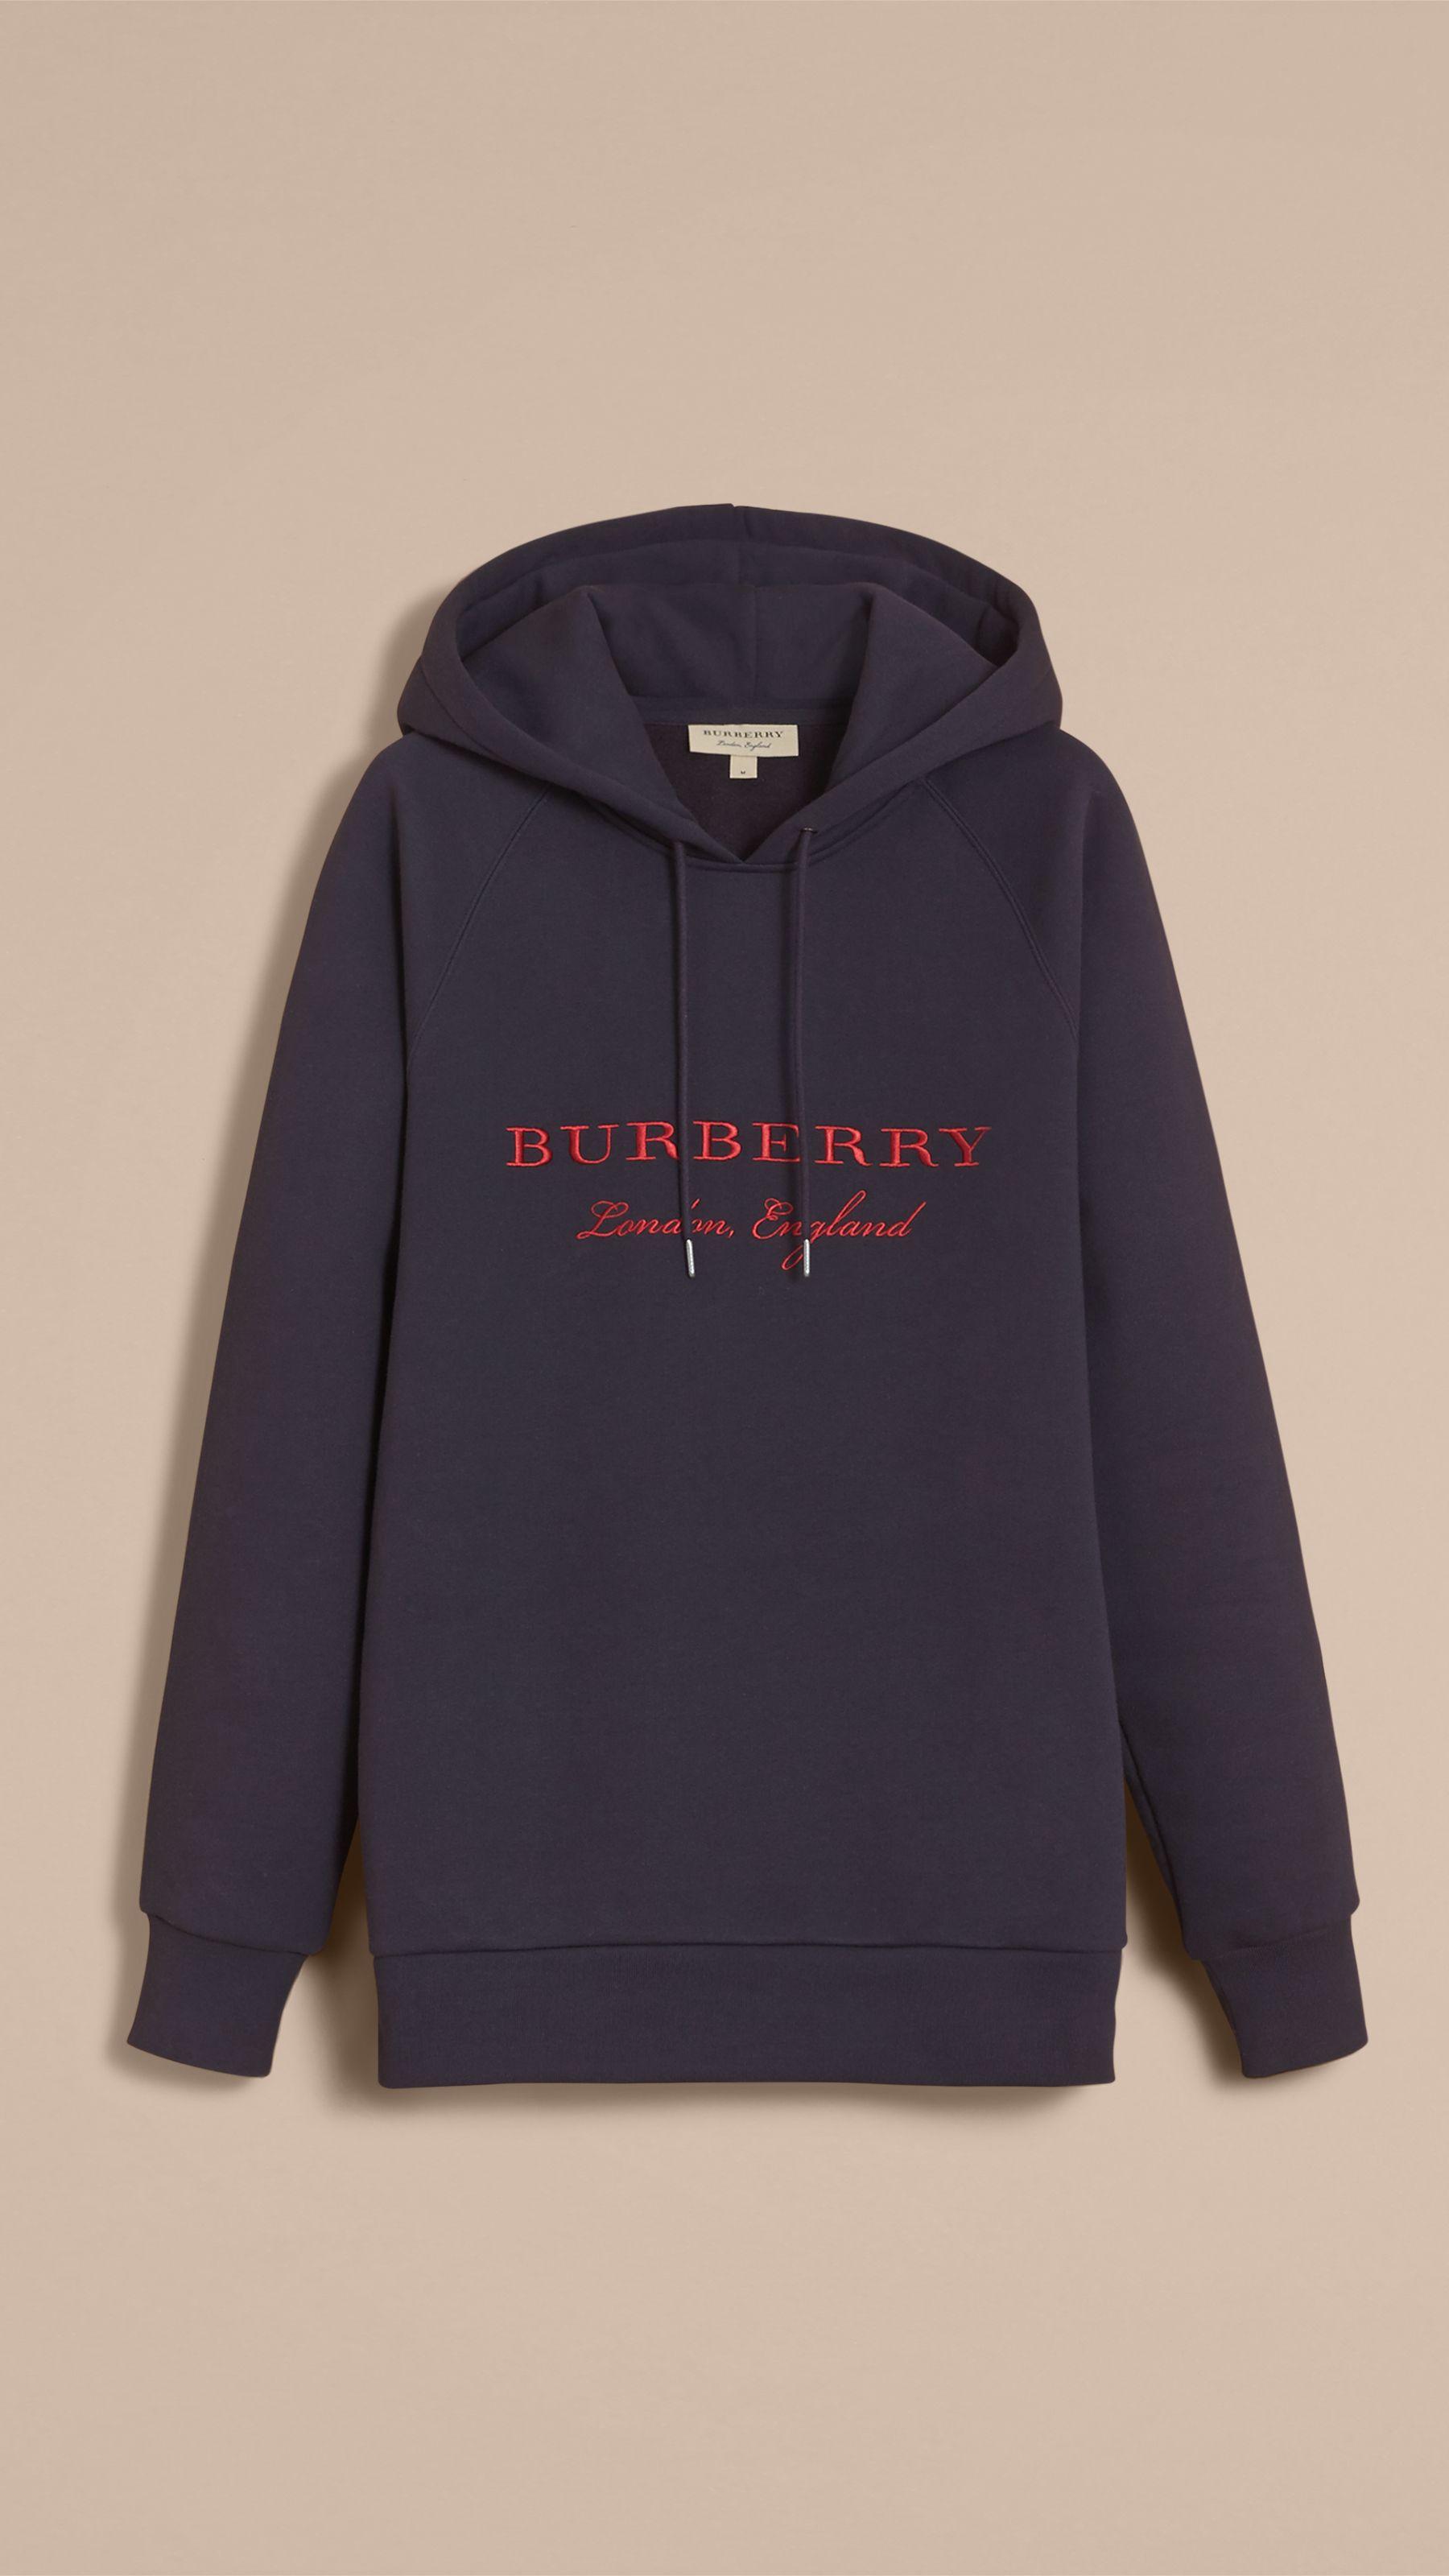 Men S Designer Hoodies Sweatshirts Burberry Official Sweatshirts Hoodie Design Sweatshirts Hoodie [ 3200 x 1800 Pixel ]